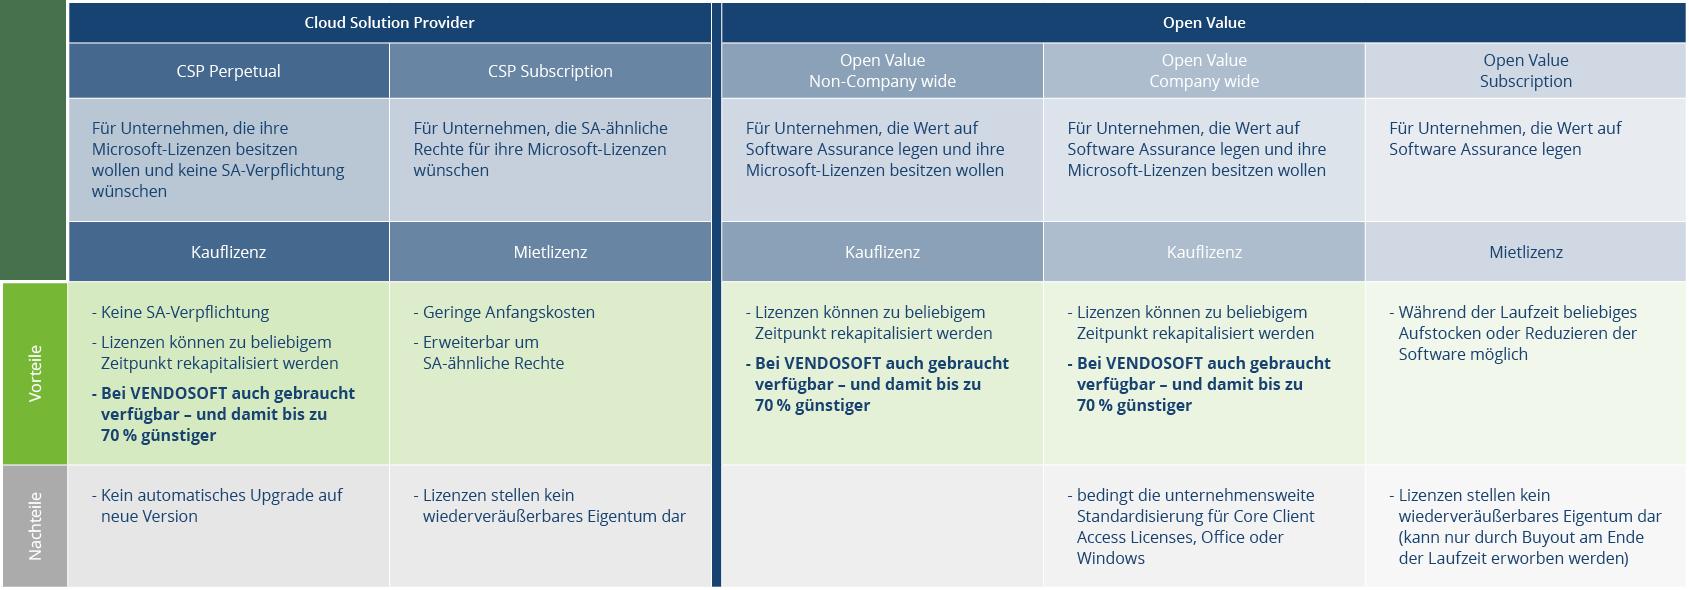 Microsoft Open License Vergleich